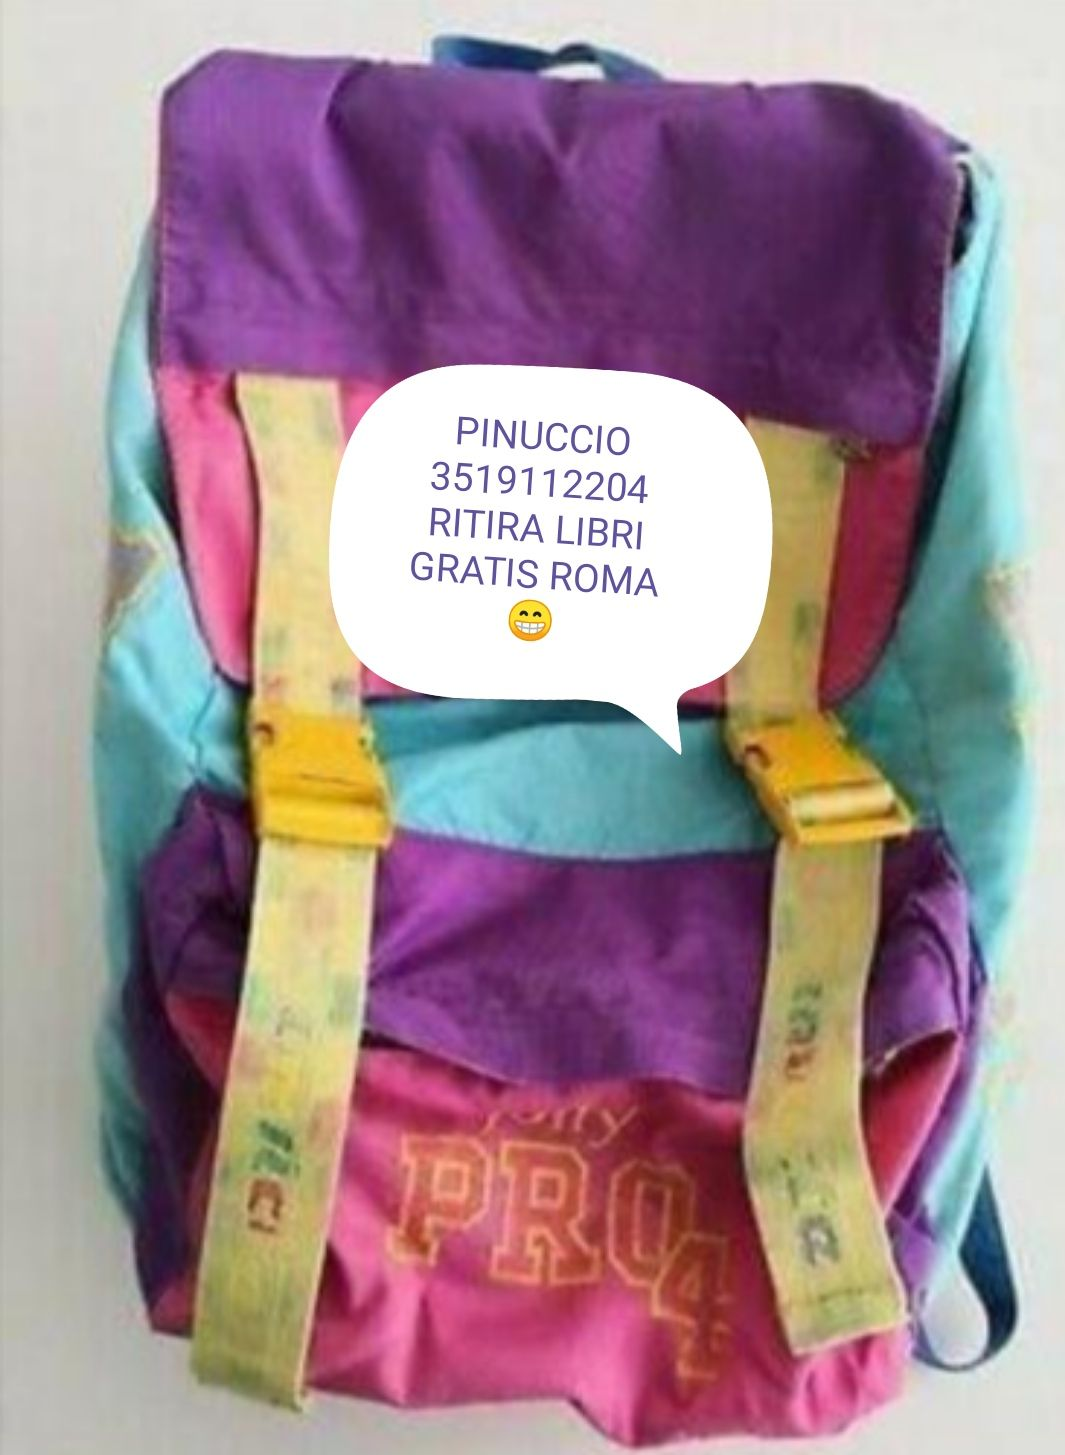 :-) RITIRO LIBRI GRATIS A DOMICILIO A ROMA E PROVI